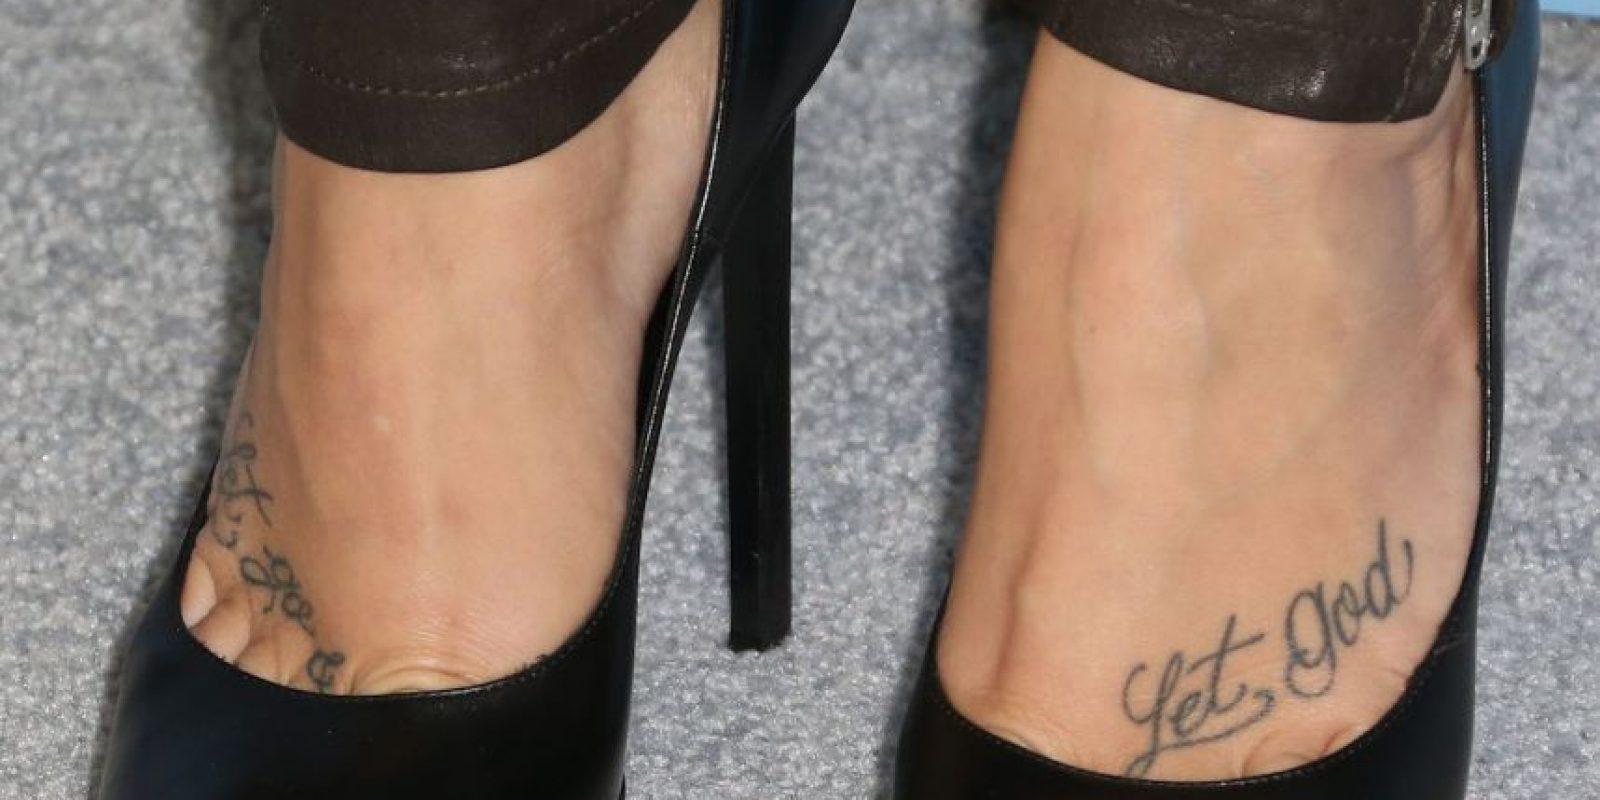 En sus pies tiene tatuadas algunas frases. Foto:Getty Images